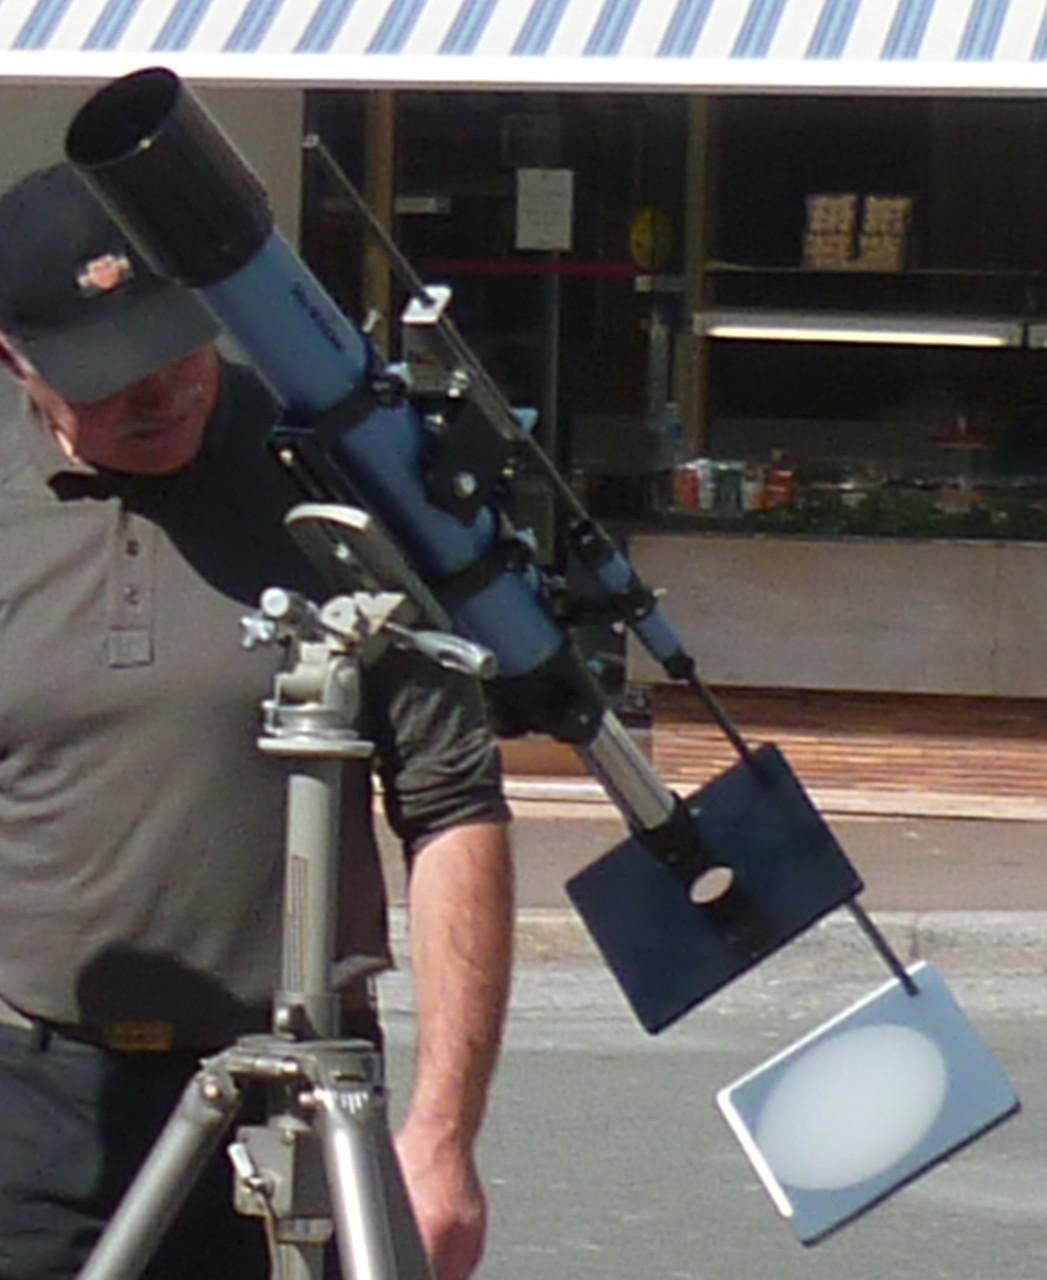 Ecran à l'arrière de la lunette pour projection indirecte du soleil